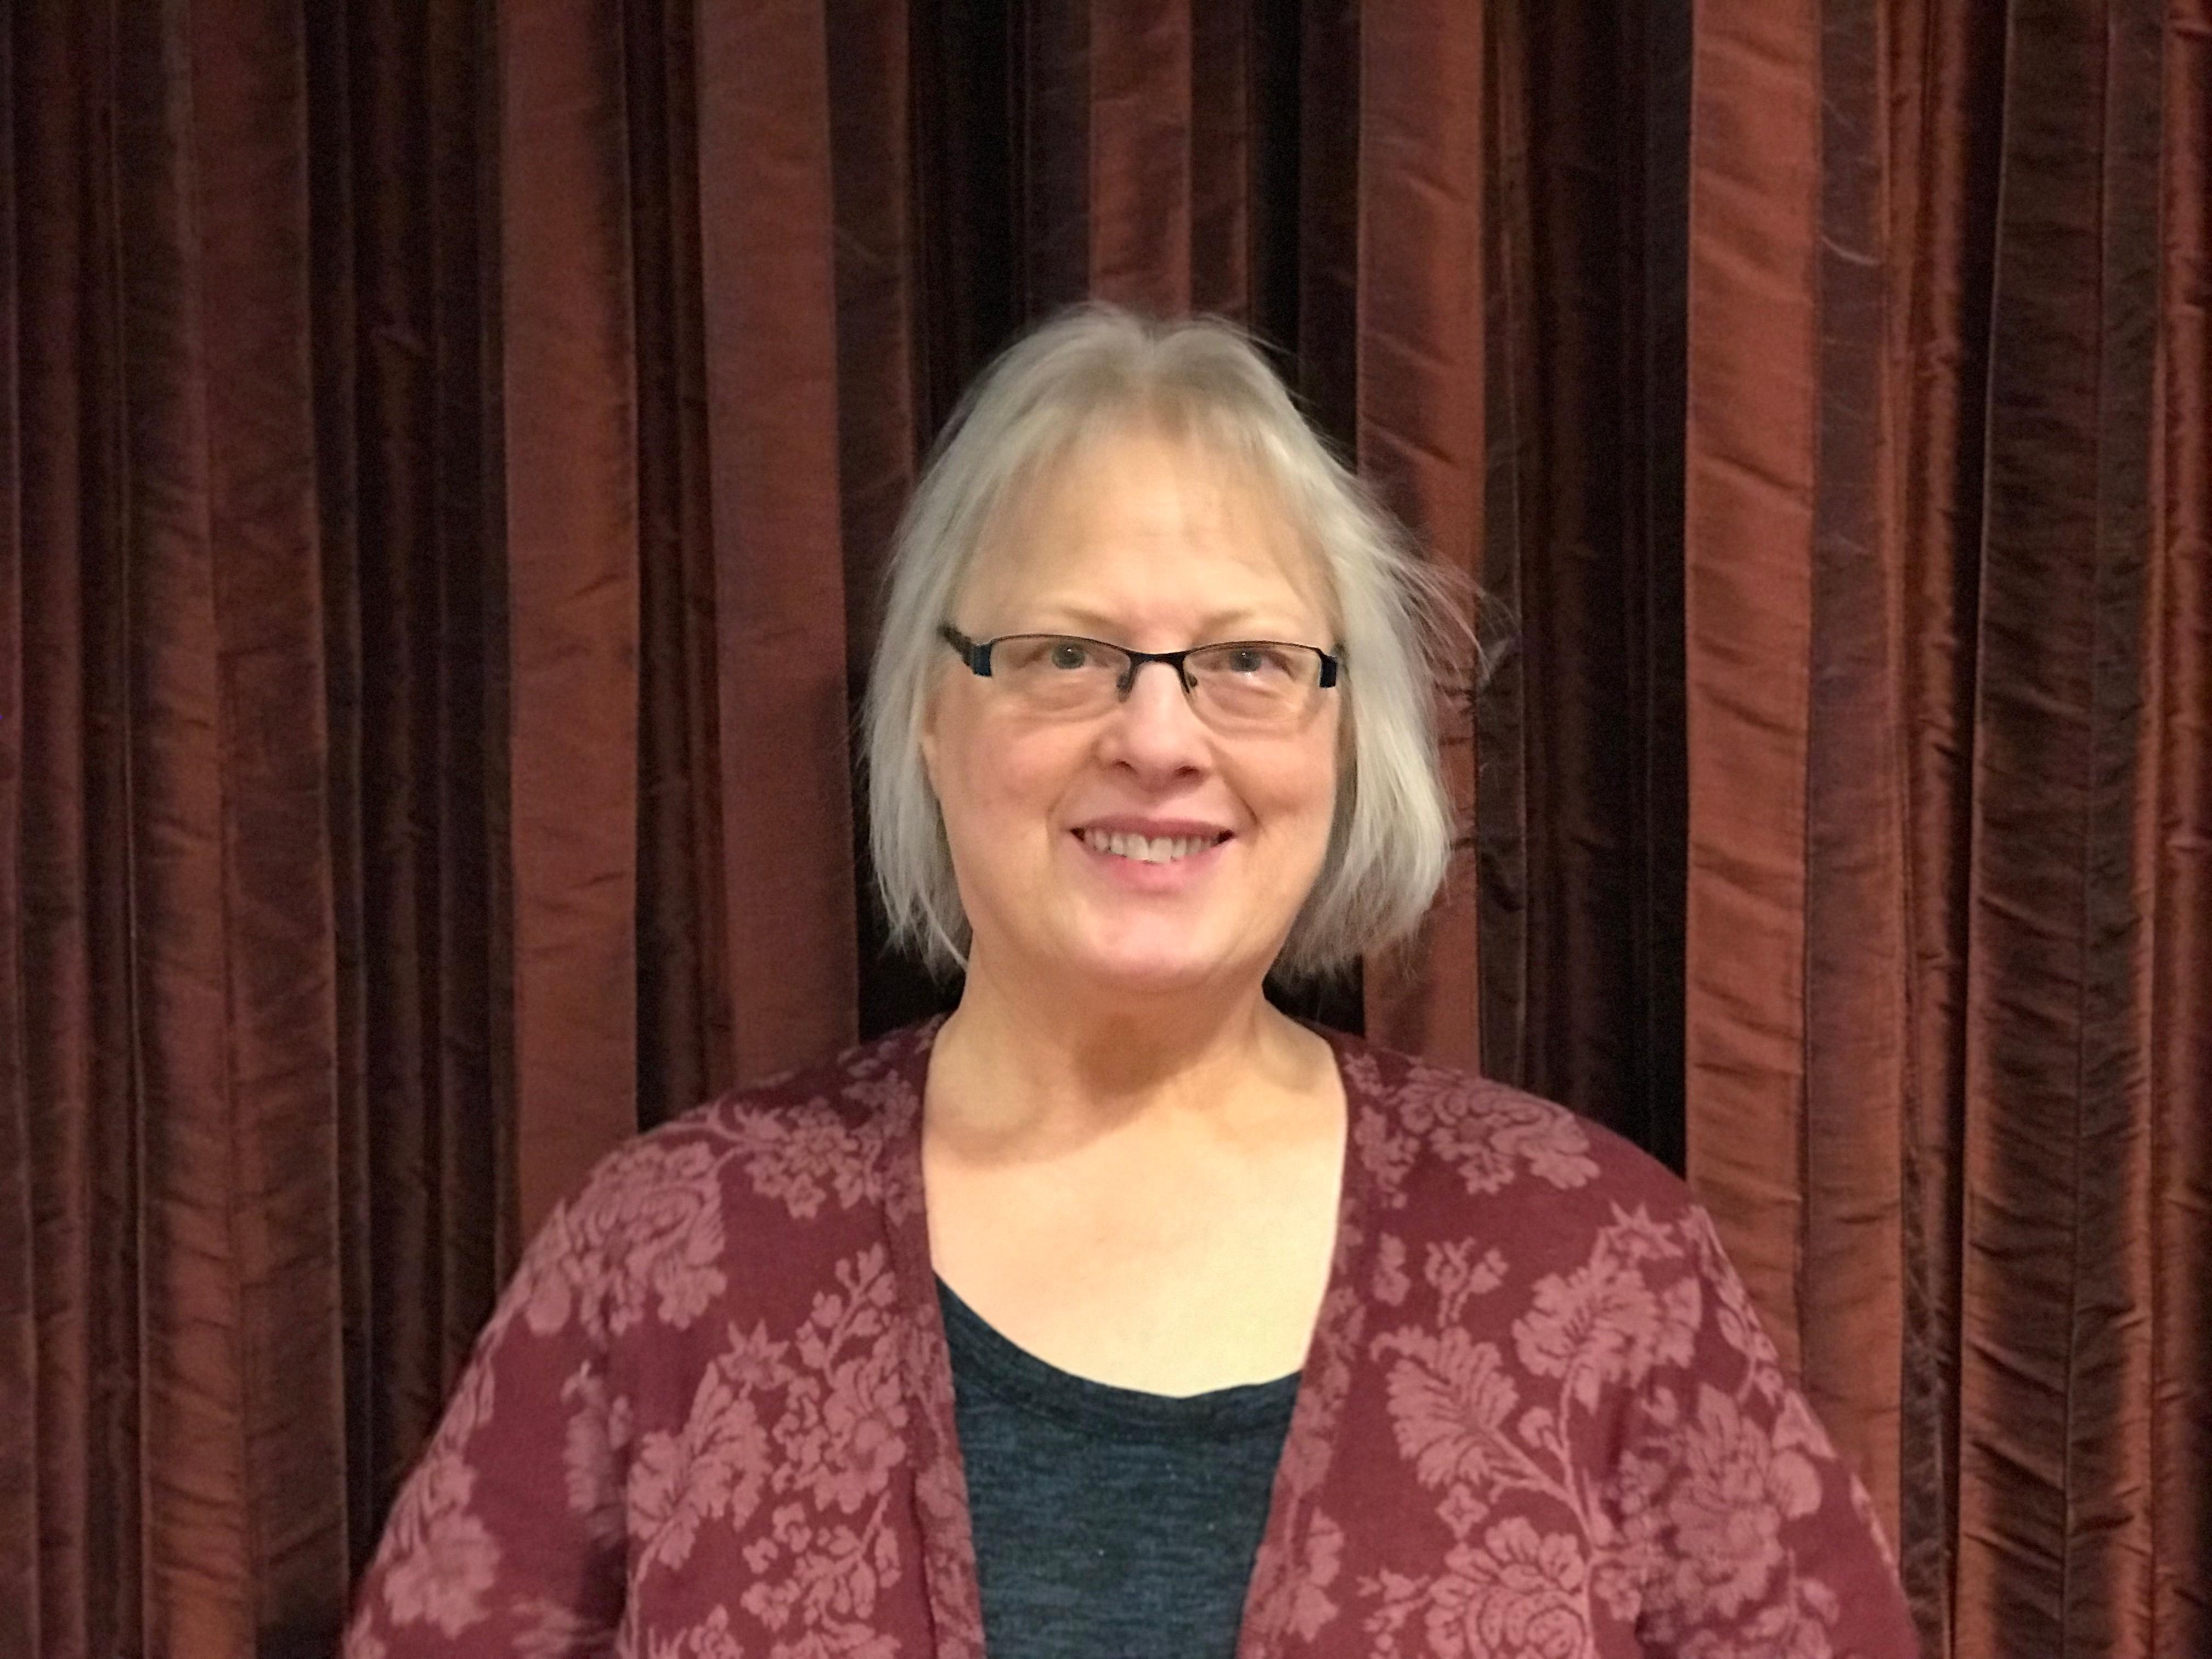 Janet Tauer